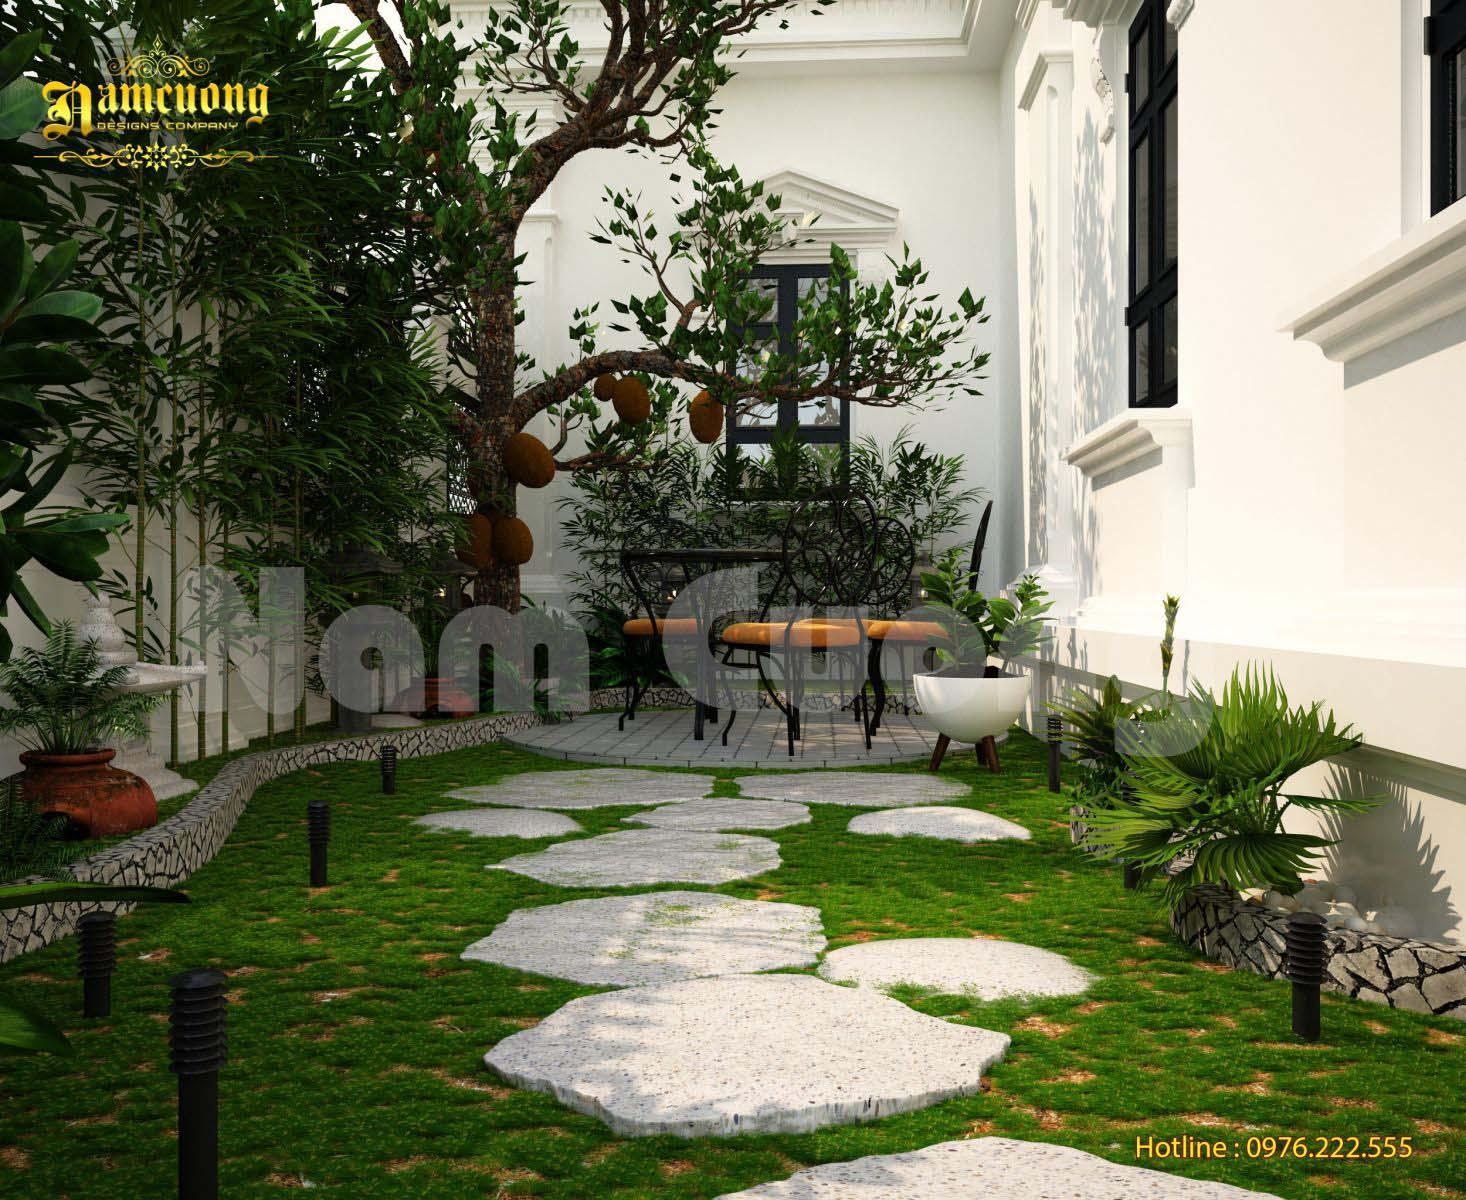 Thiết kế tiểu cảnh sân vườn của ngôi biệt thự tân cổ điển tại Quảng Bình